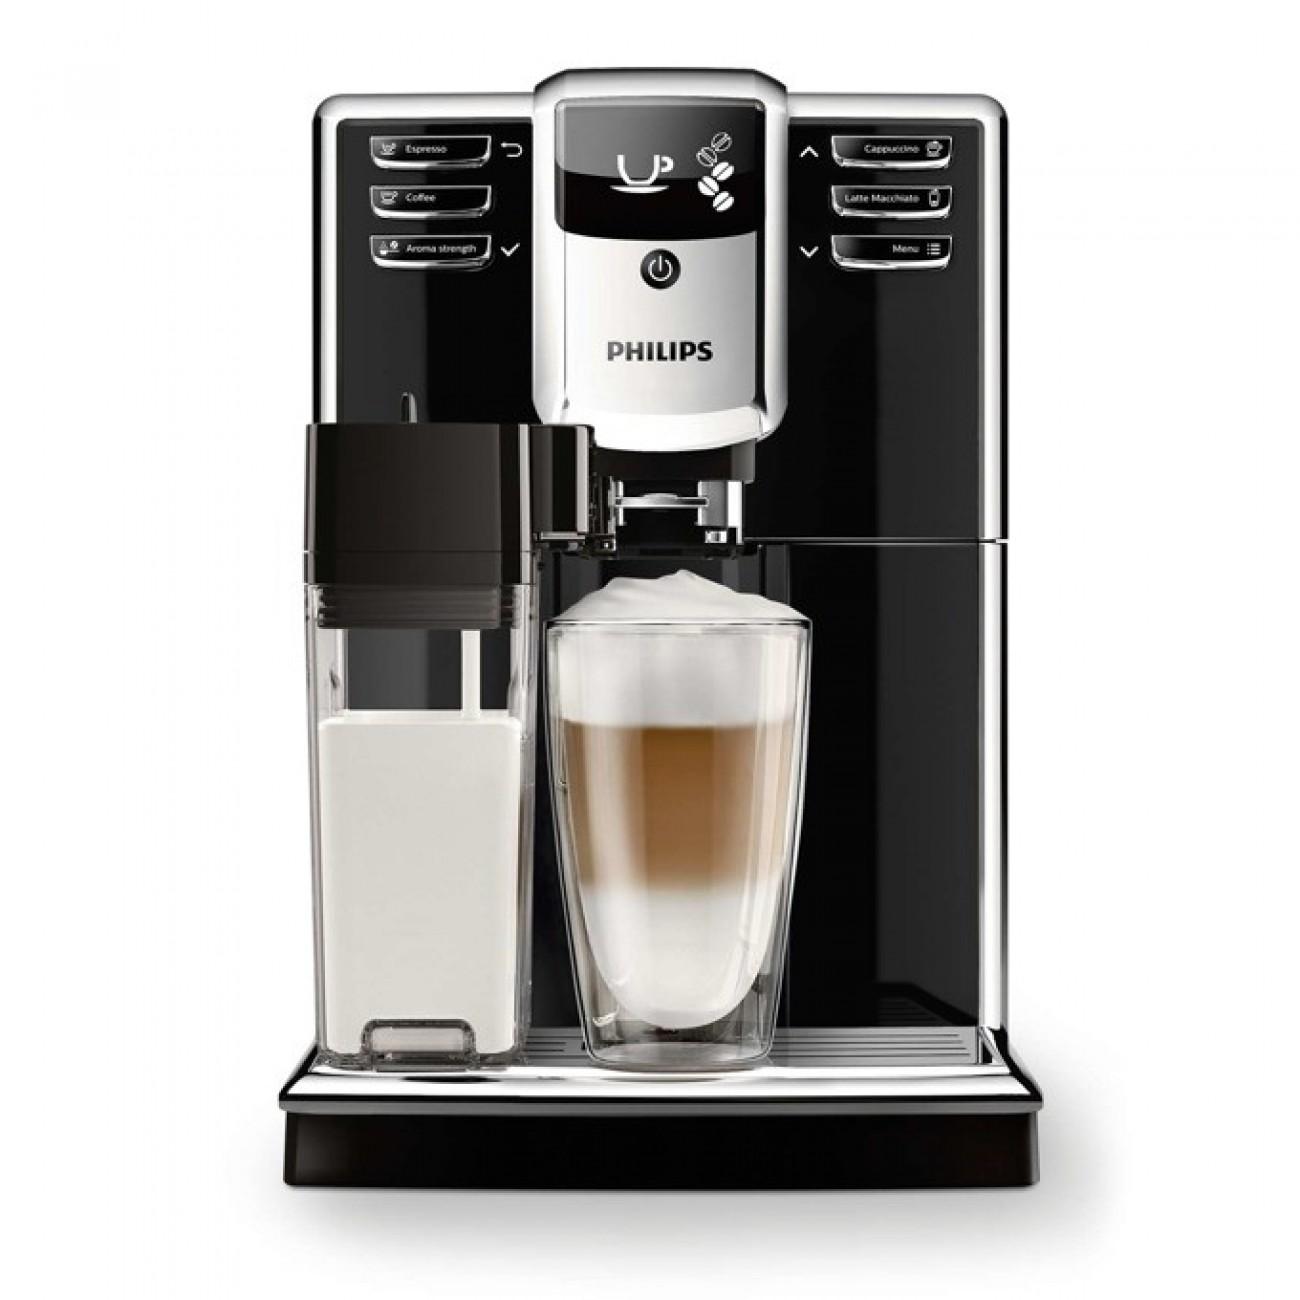 Aвтоматична кафемашина Philips Series 5000 EP5360/10, 5 напитки, Вградена кана за мляко, PianoBlack, AquaClean в Кафемашини -  | Alleop